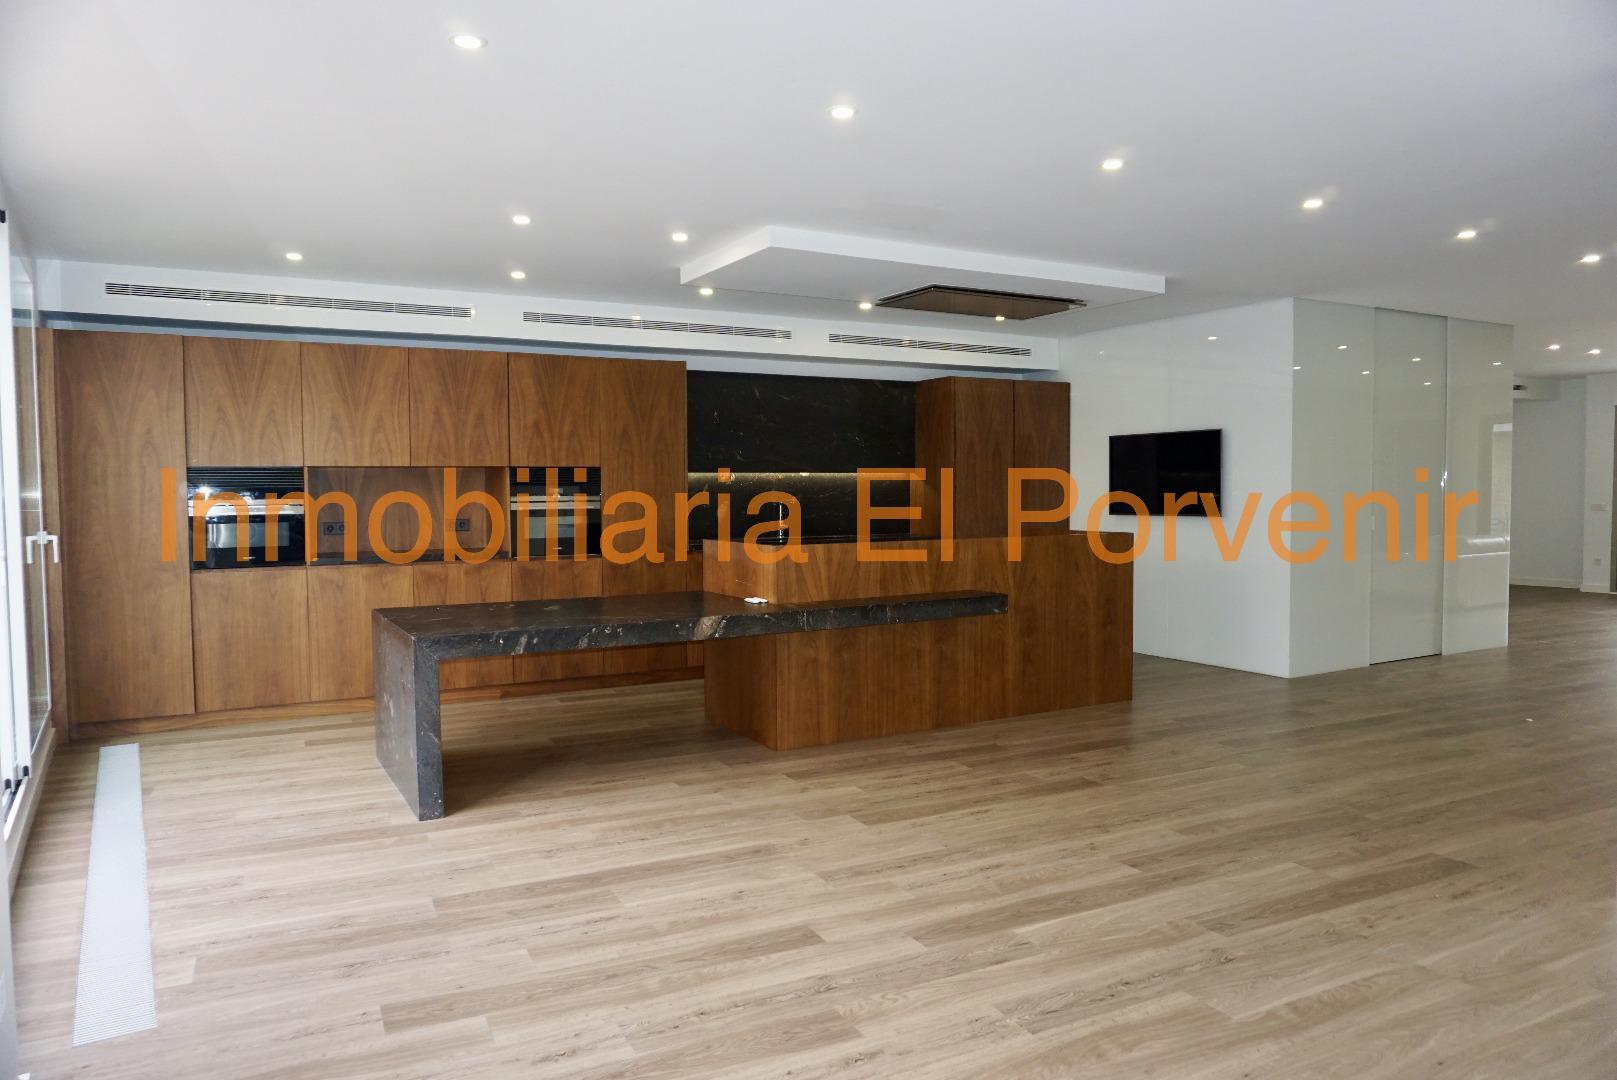 Location Maison  Alaquàs, zona de - alaquàs. Espectacular vivienda de diseño en alaquas, con 637 m2 construid